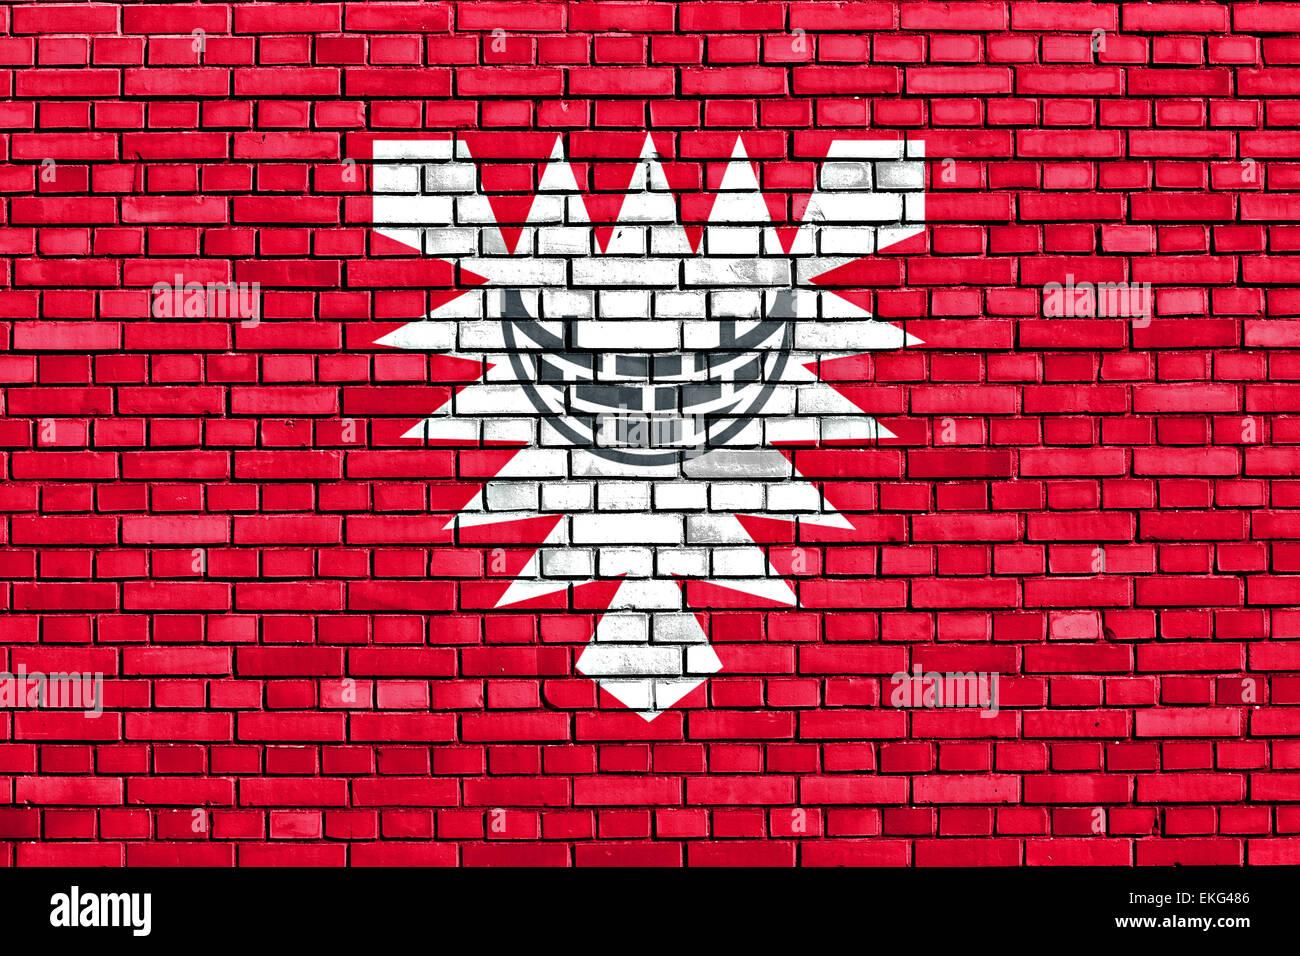 flag of Kiel painted on brick wall - Stock Image